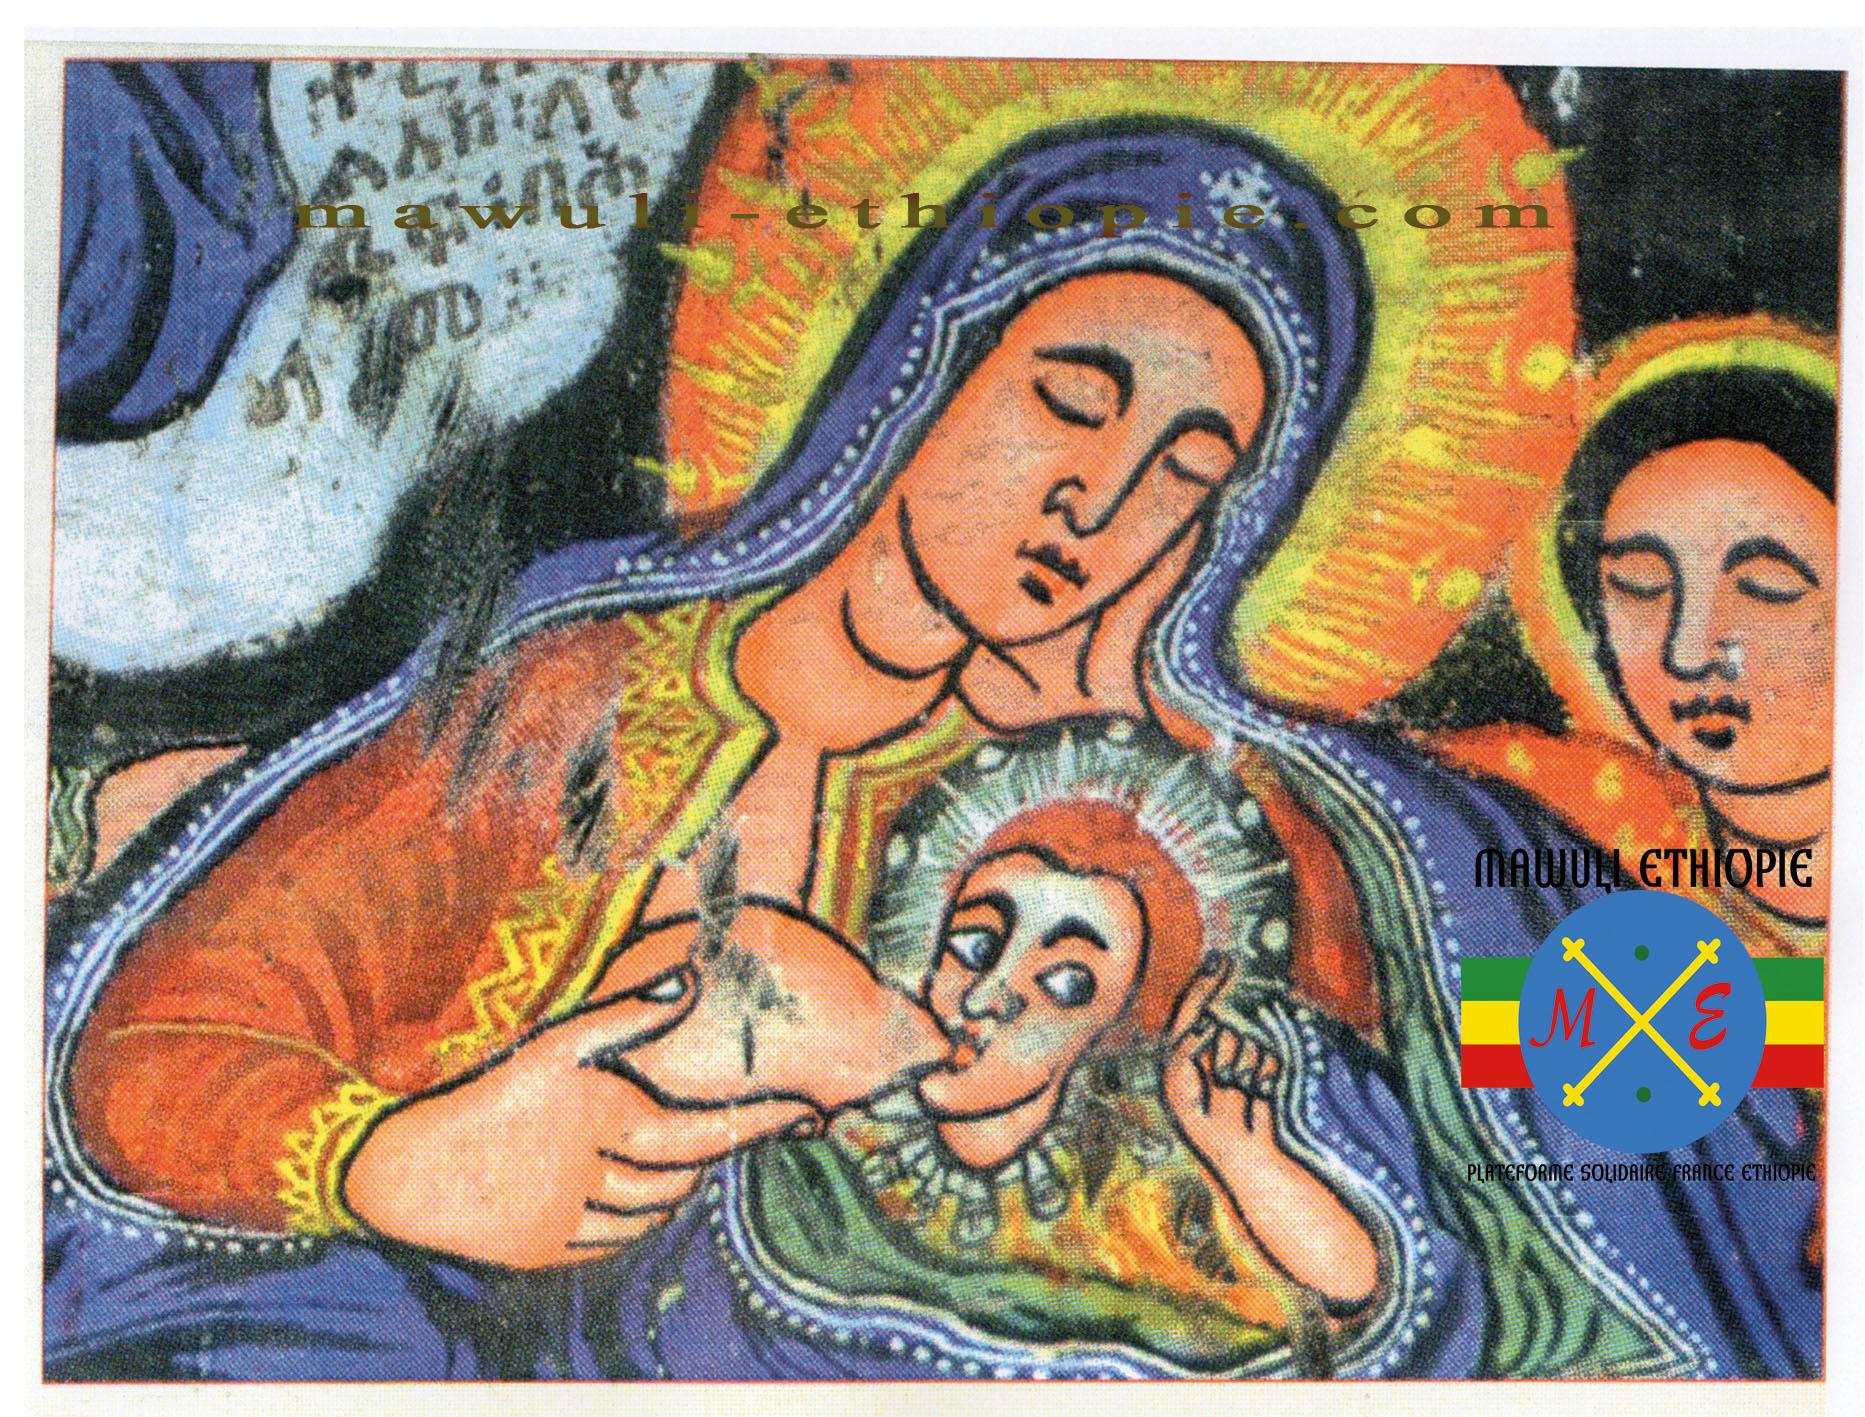 Jour 25 Calendrier de l'Avent Mawuli Ethiopie Artisanat